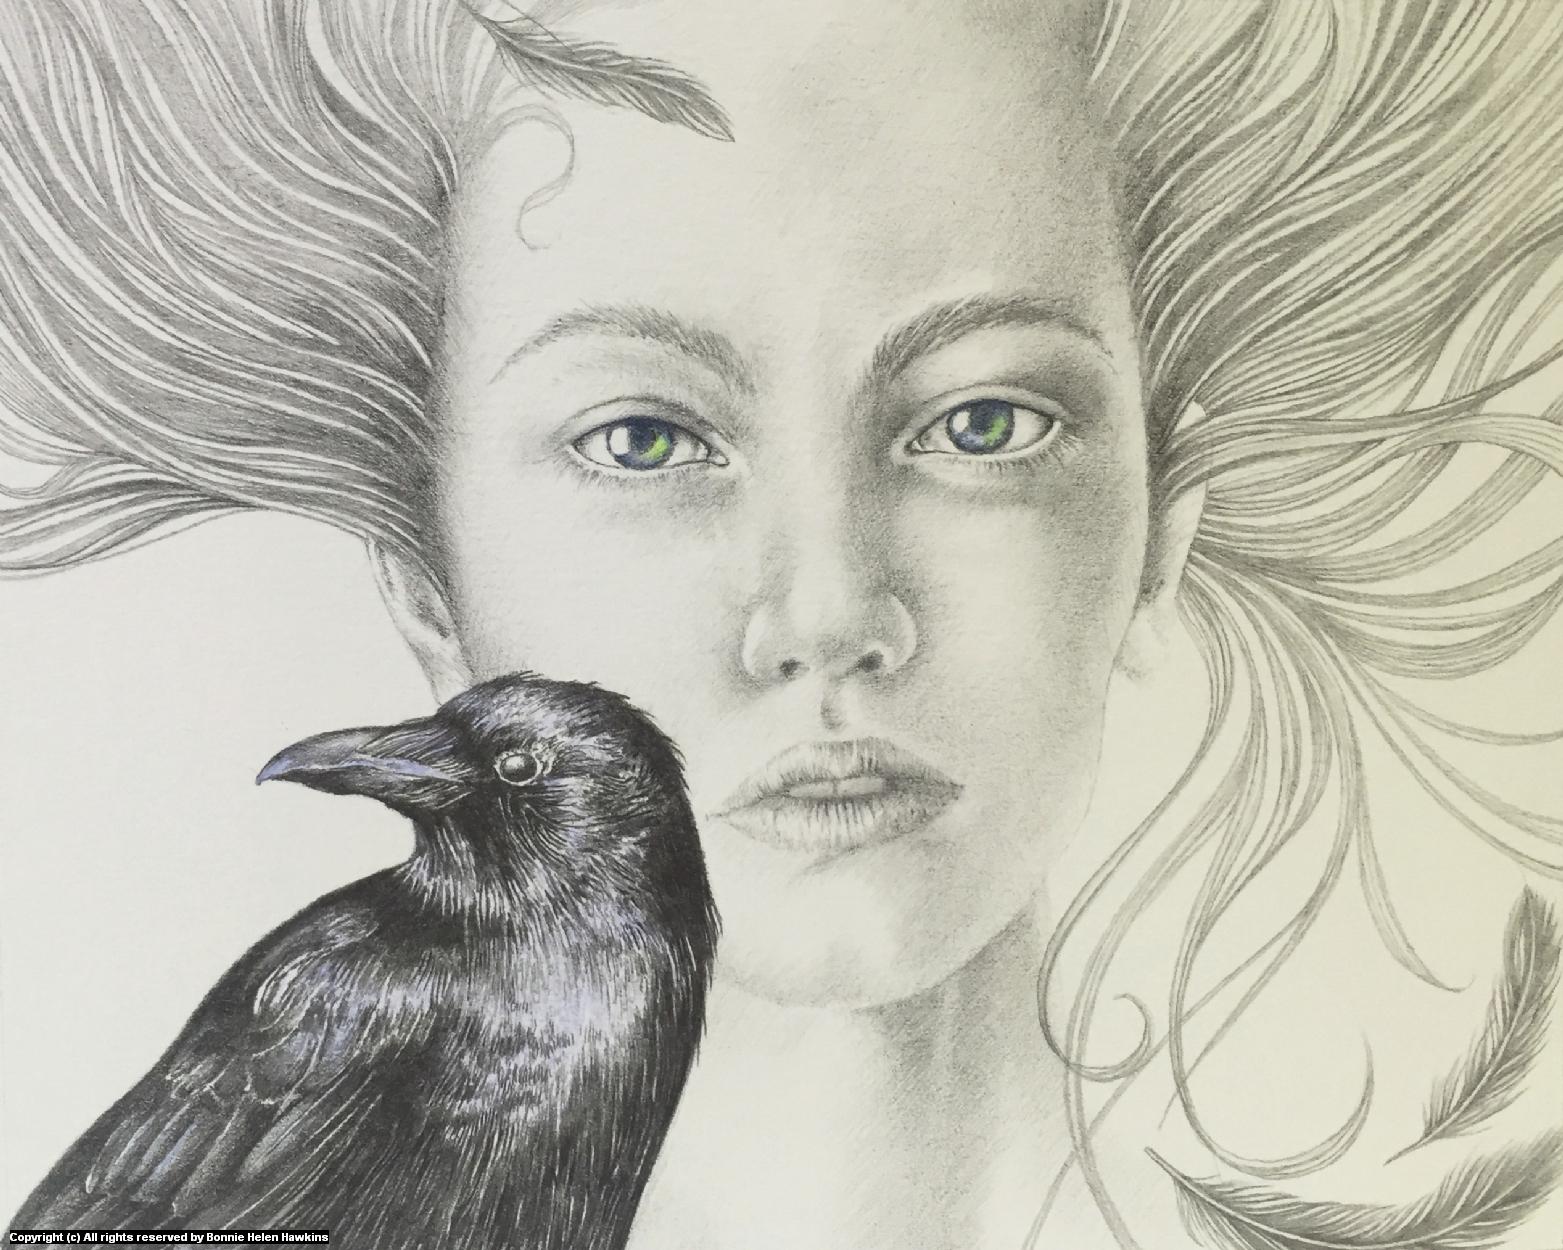 Week 12 Artwork by Bonnie Helen Hawkins